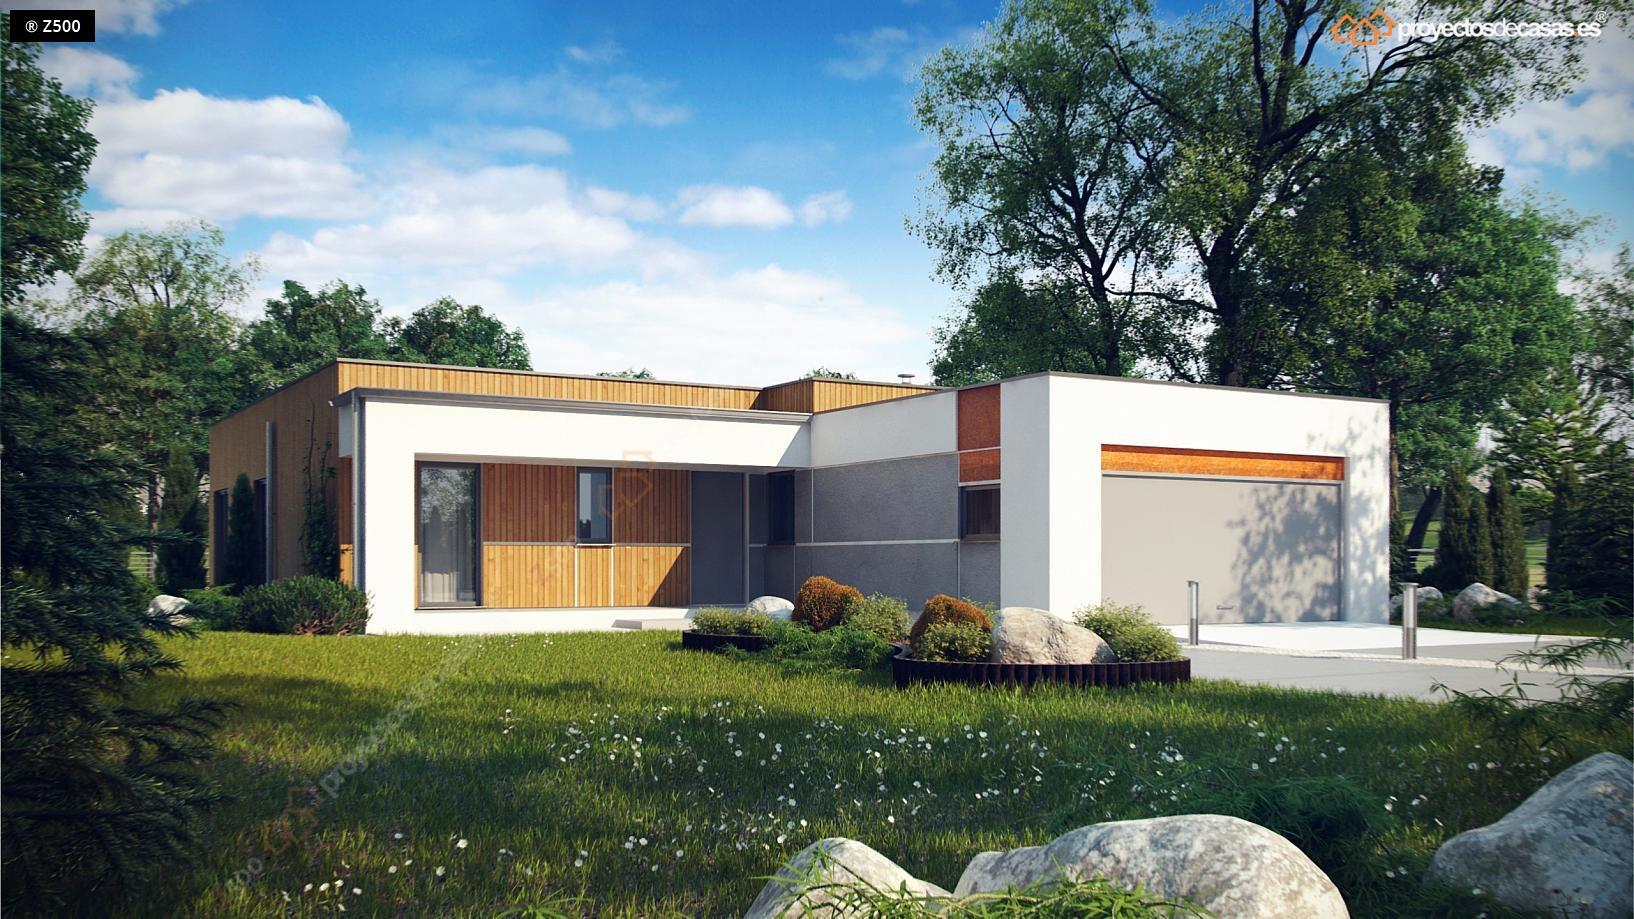 proyectos de casas casa moderna de 1 planta con piscina